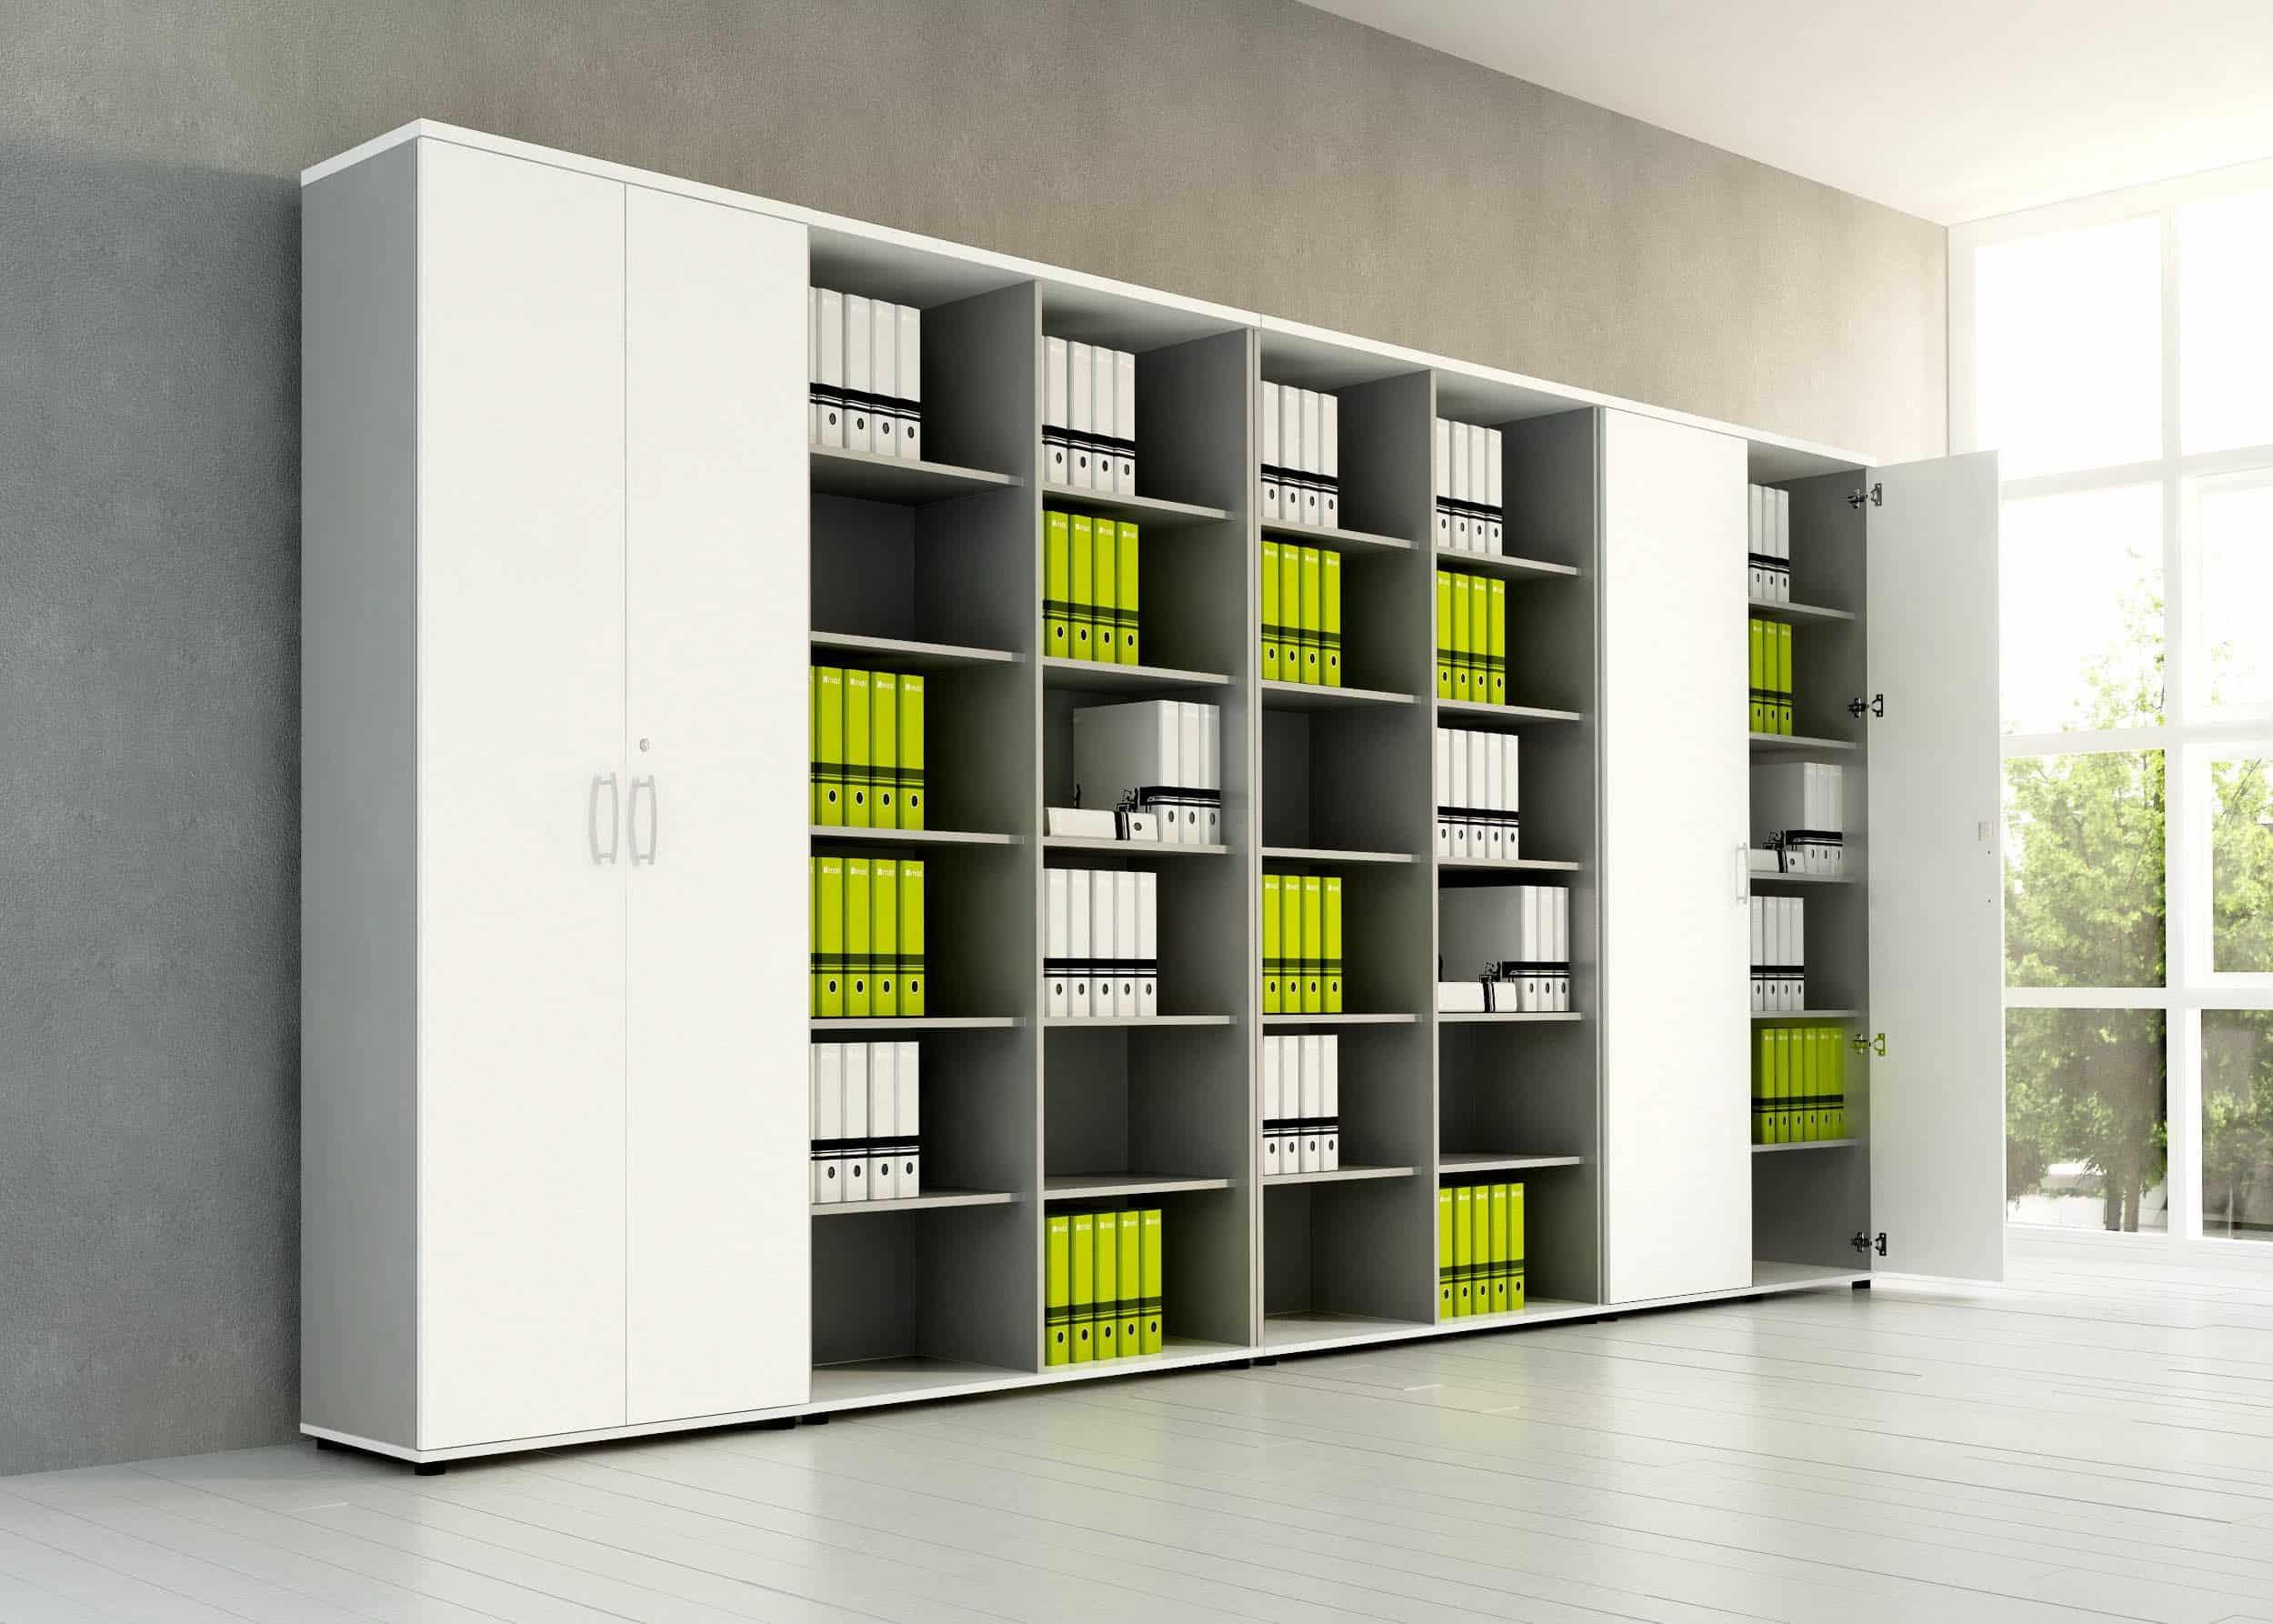 mdd armoire étagère bibliothèque